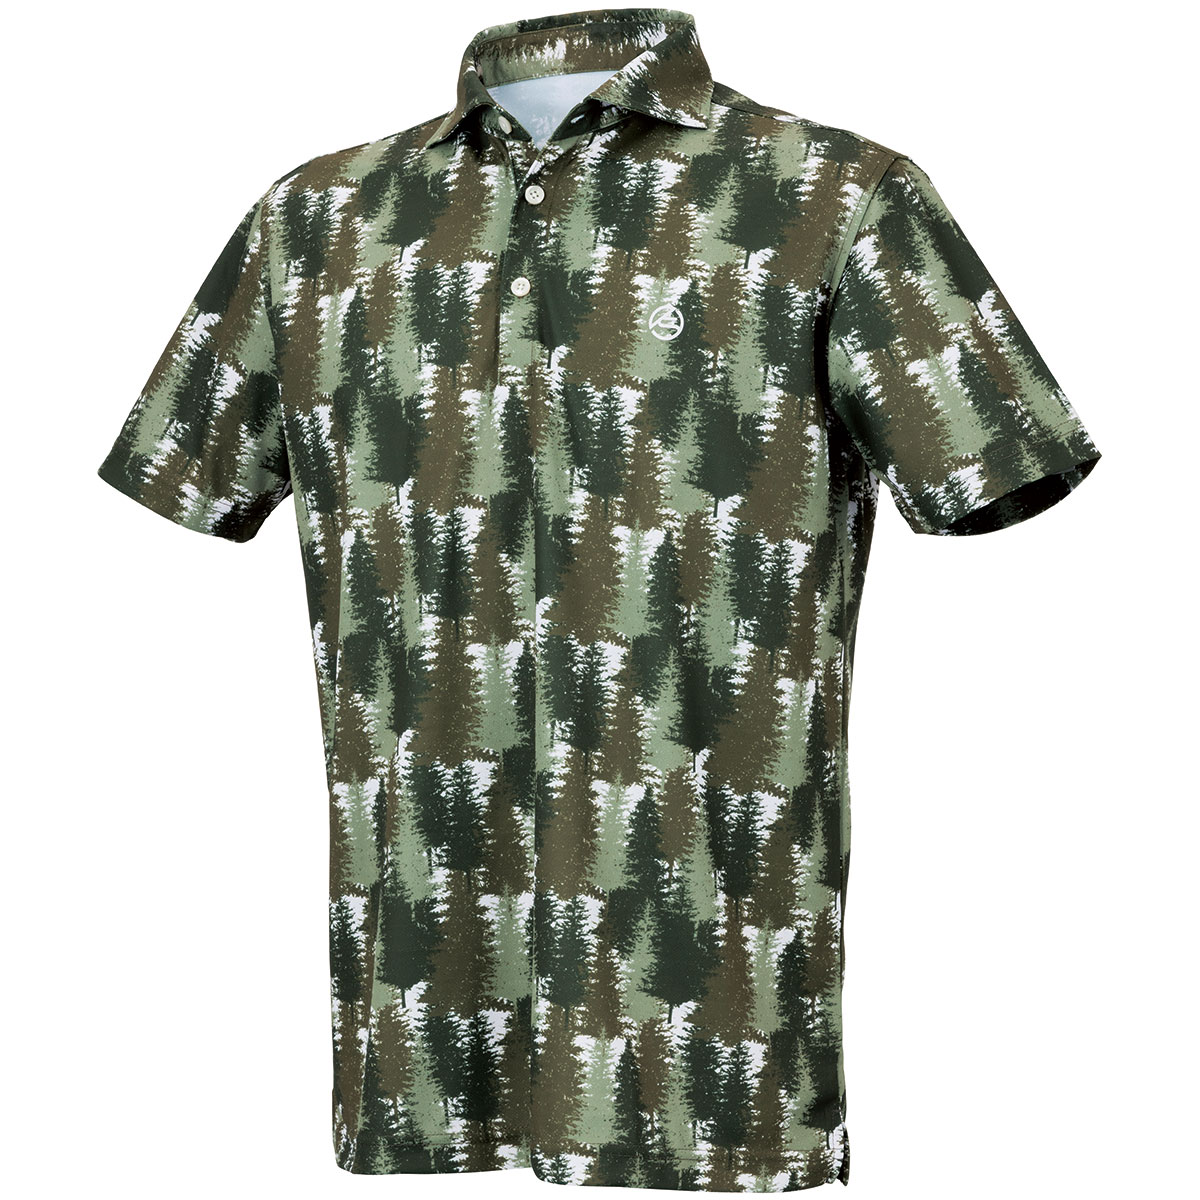 フォレストカモ柄 ホリゾンタルカラー半袖ポロシャツ